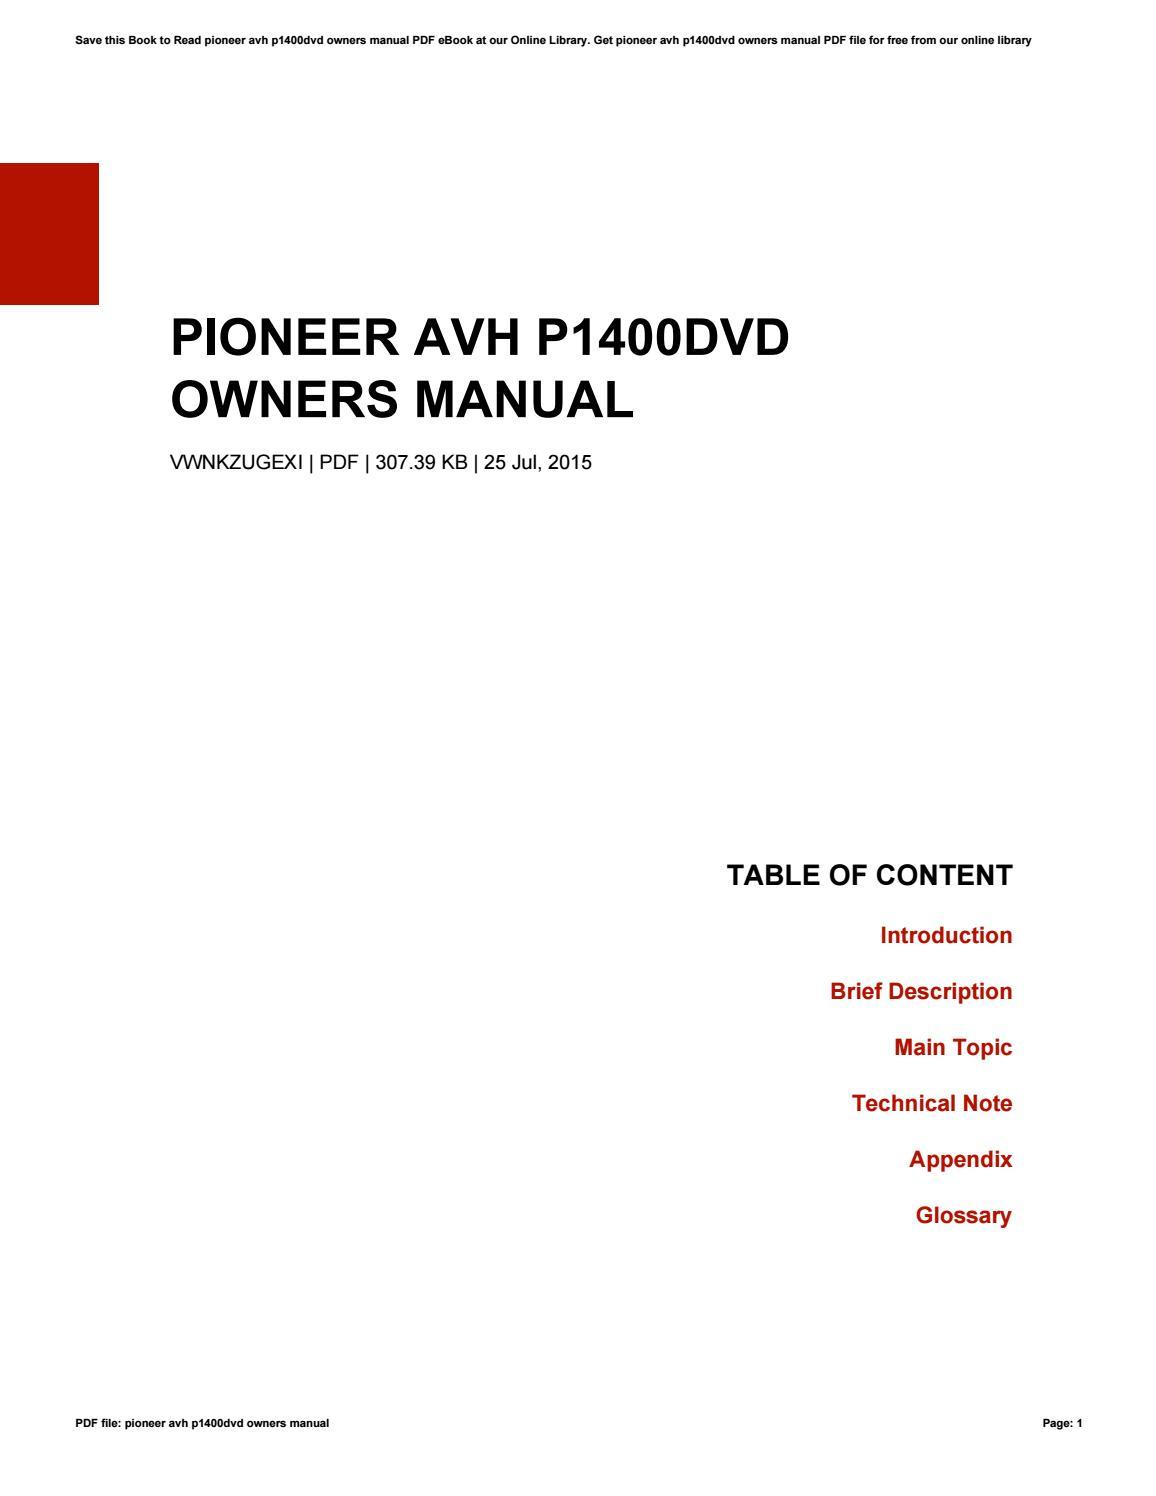 Pioneer Avh P1400Dvd Wiring Diagram : Pioneer Avh P1400